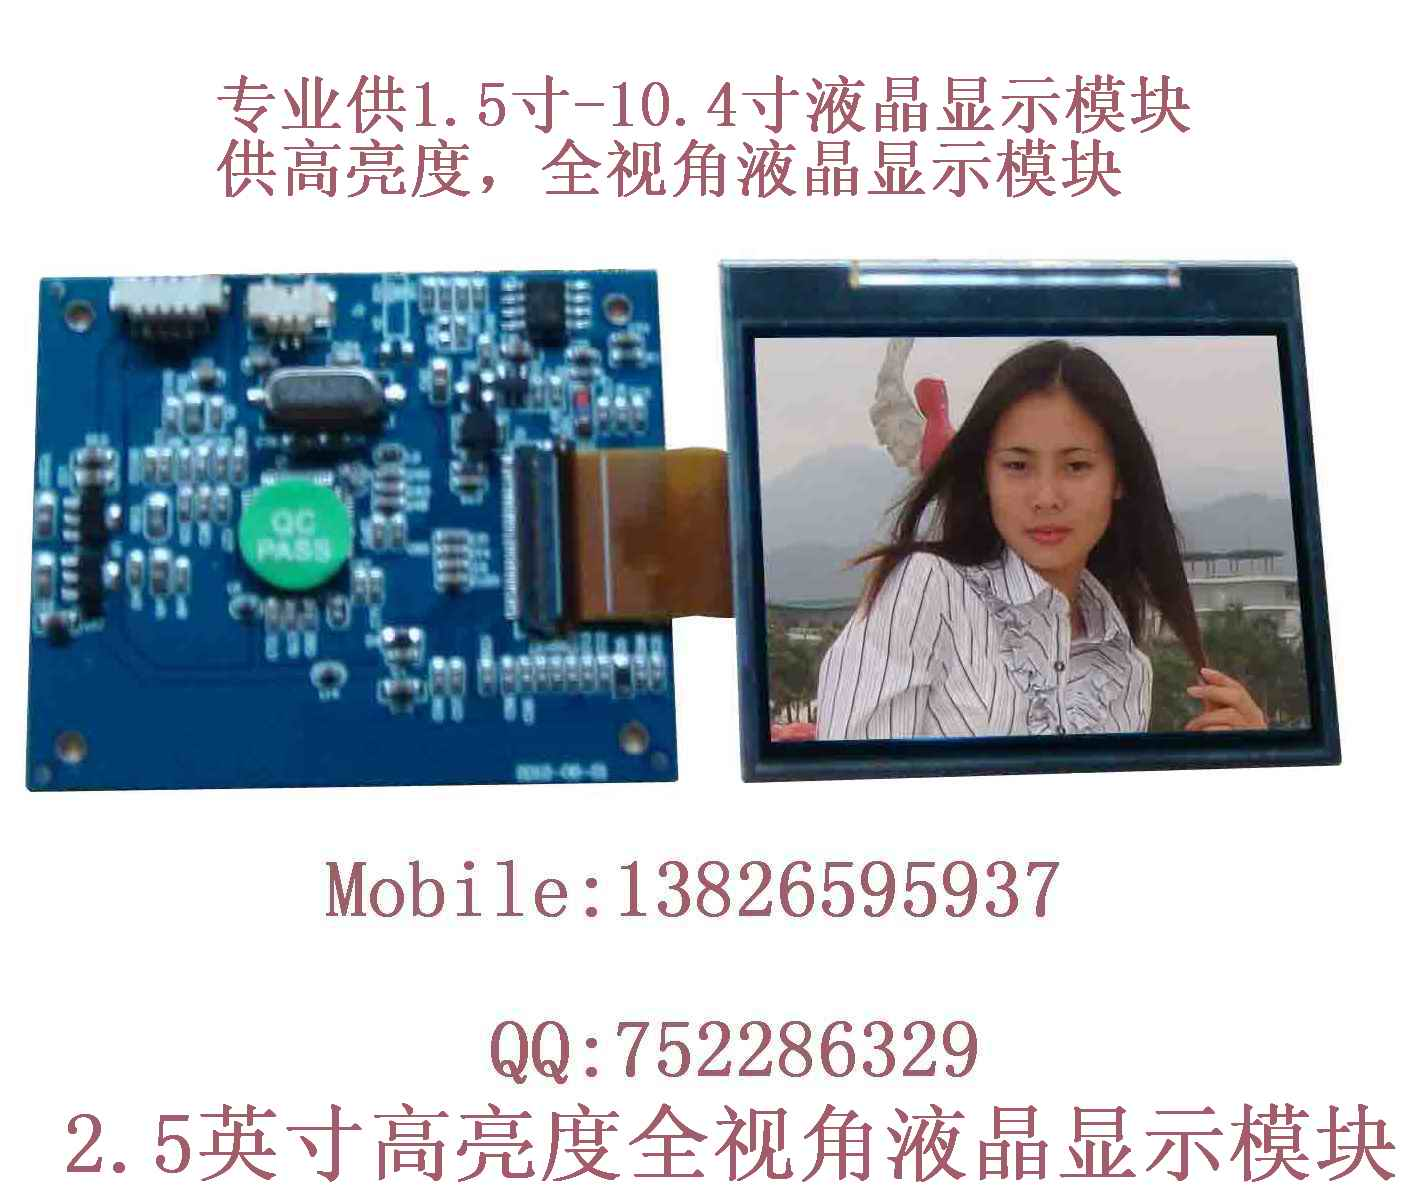 产品设计研发中小尺寸TFT-LCD视频模块开发